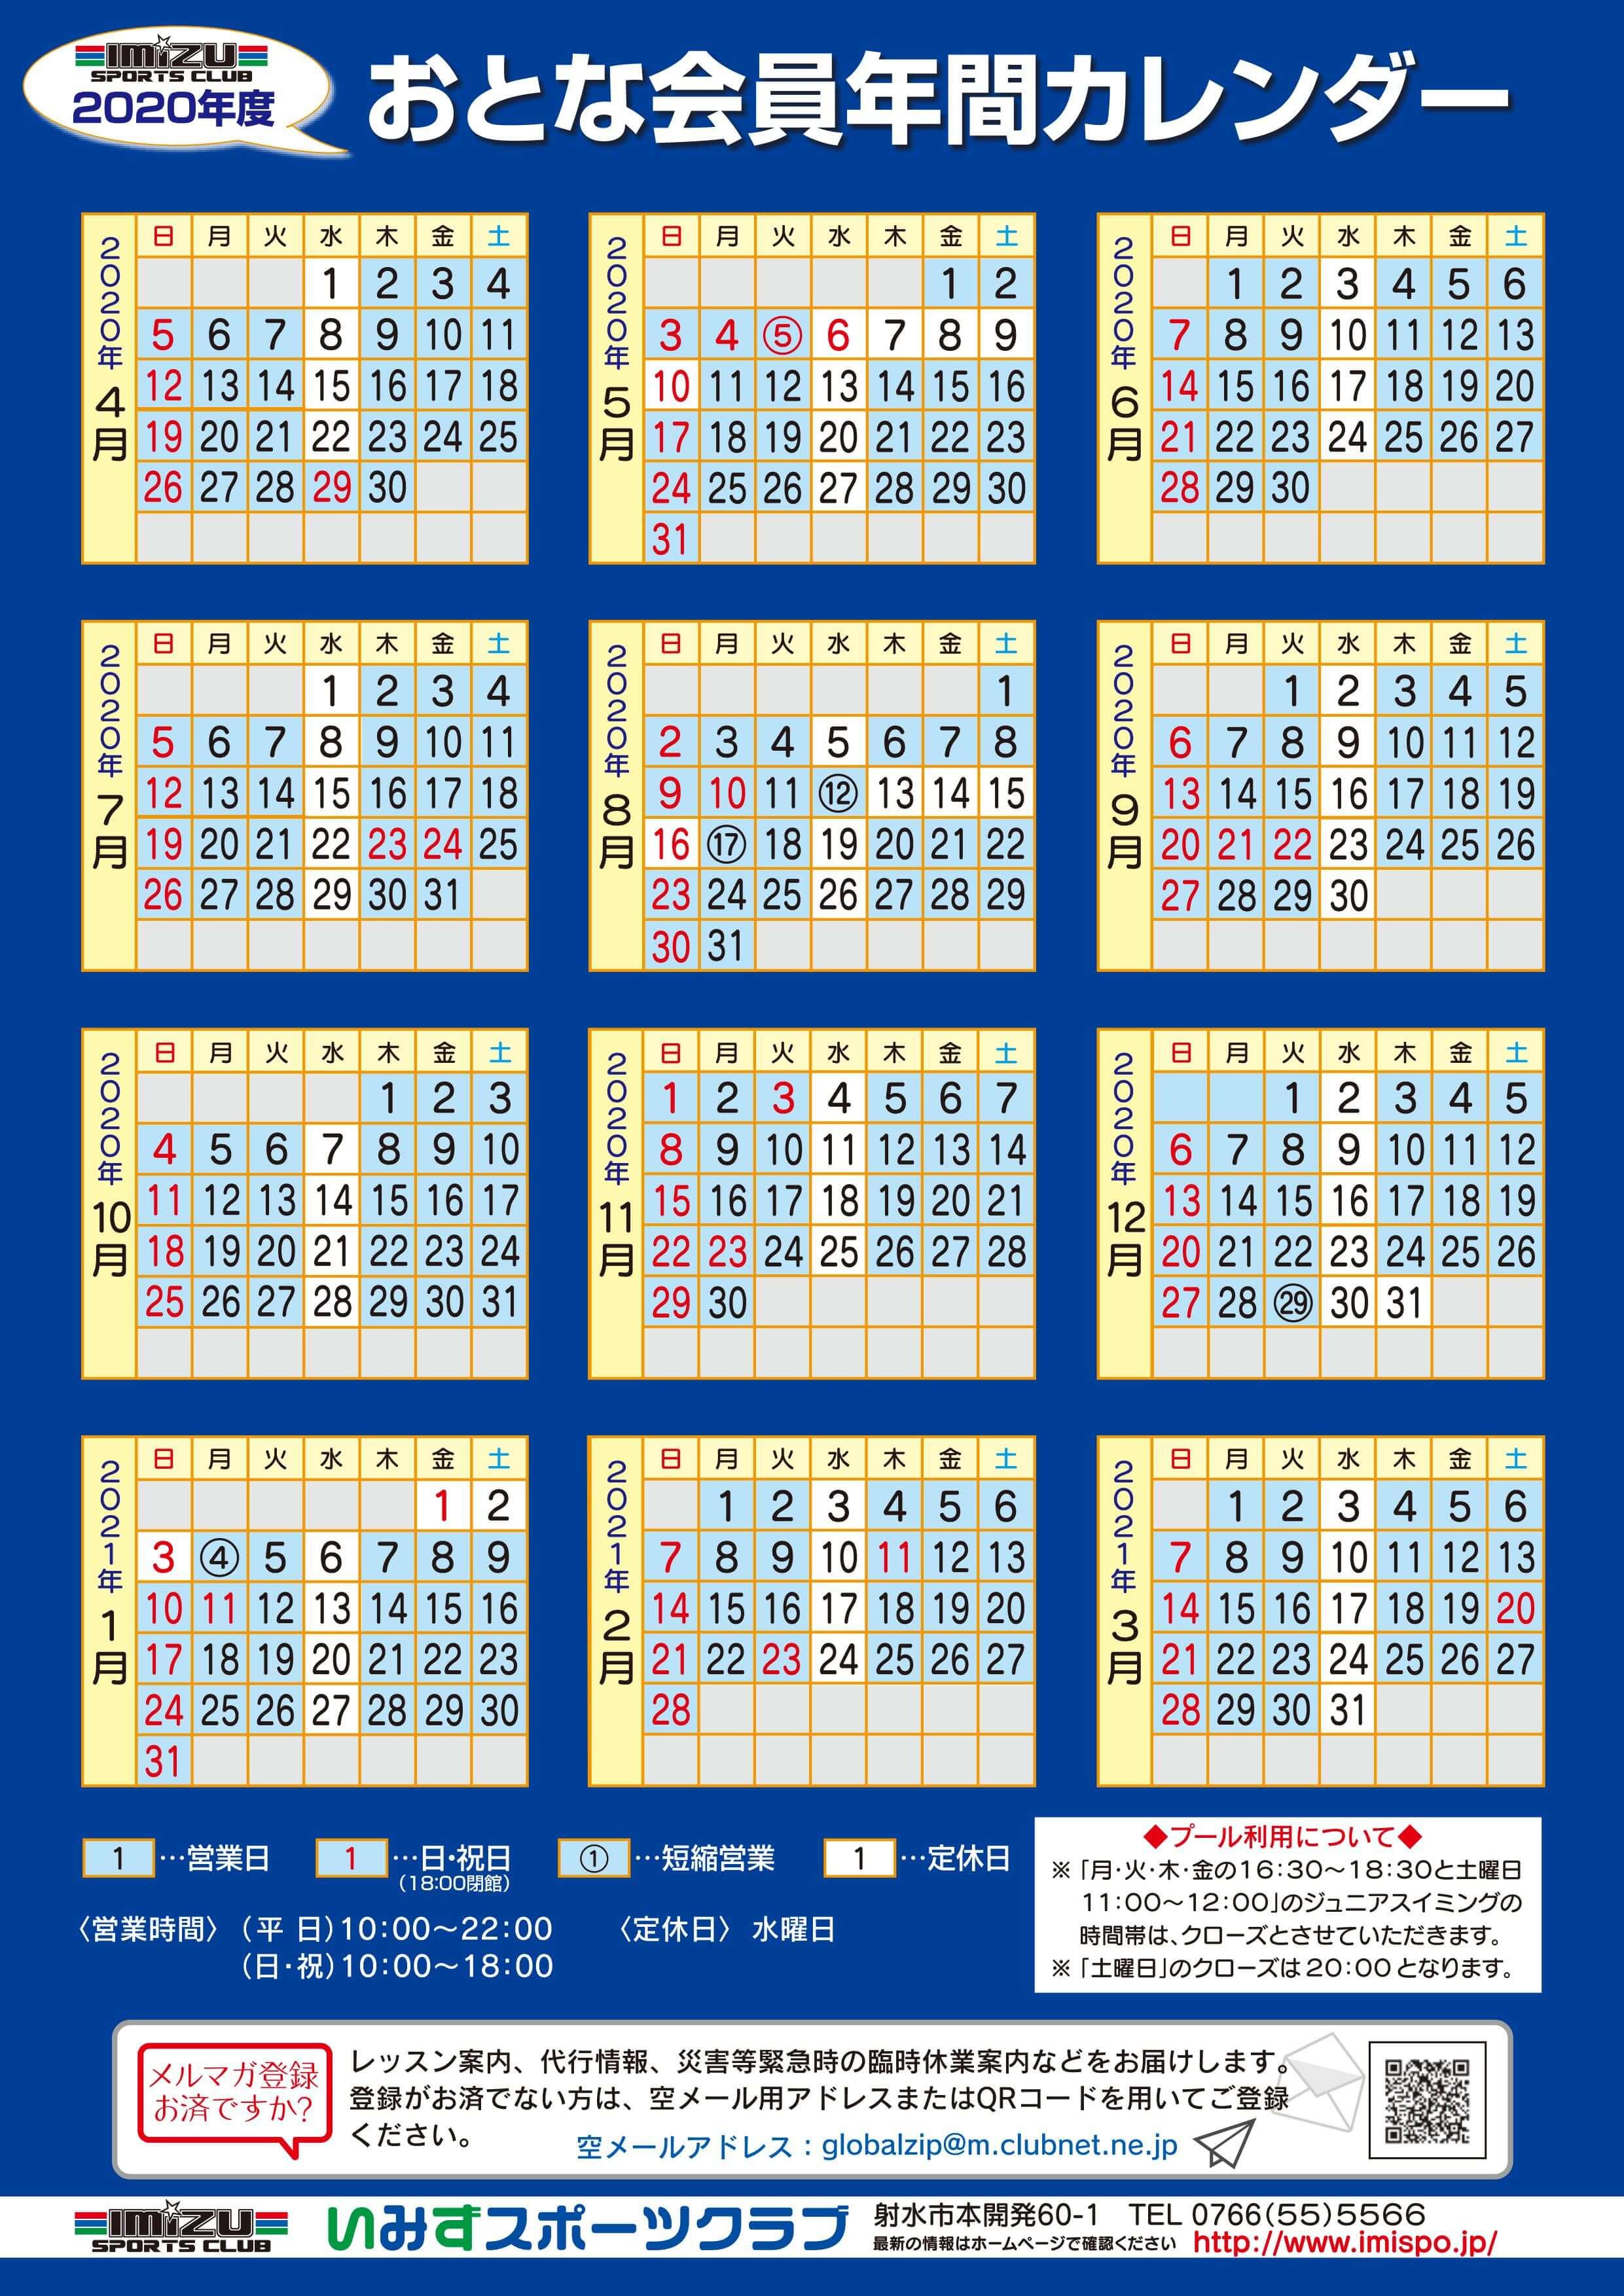 フィットネス年間カレンダー2020年度